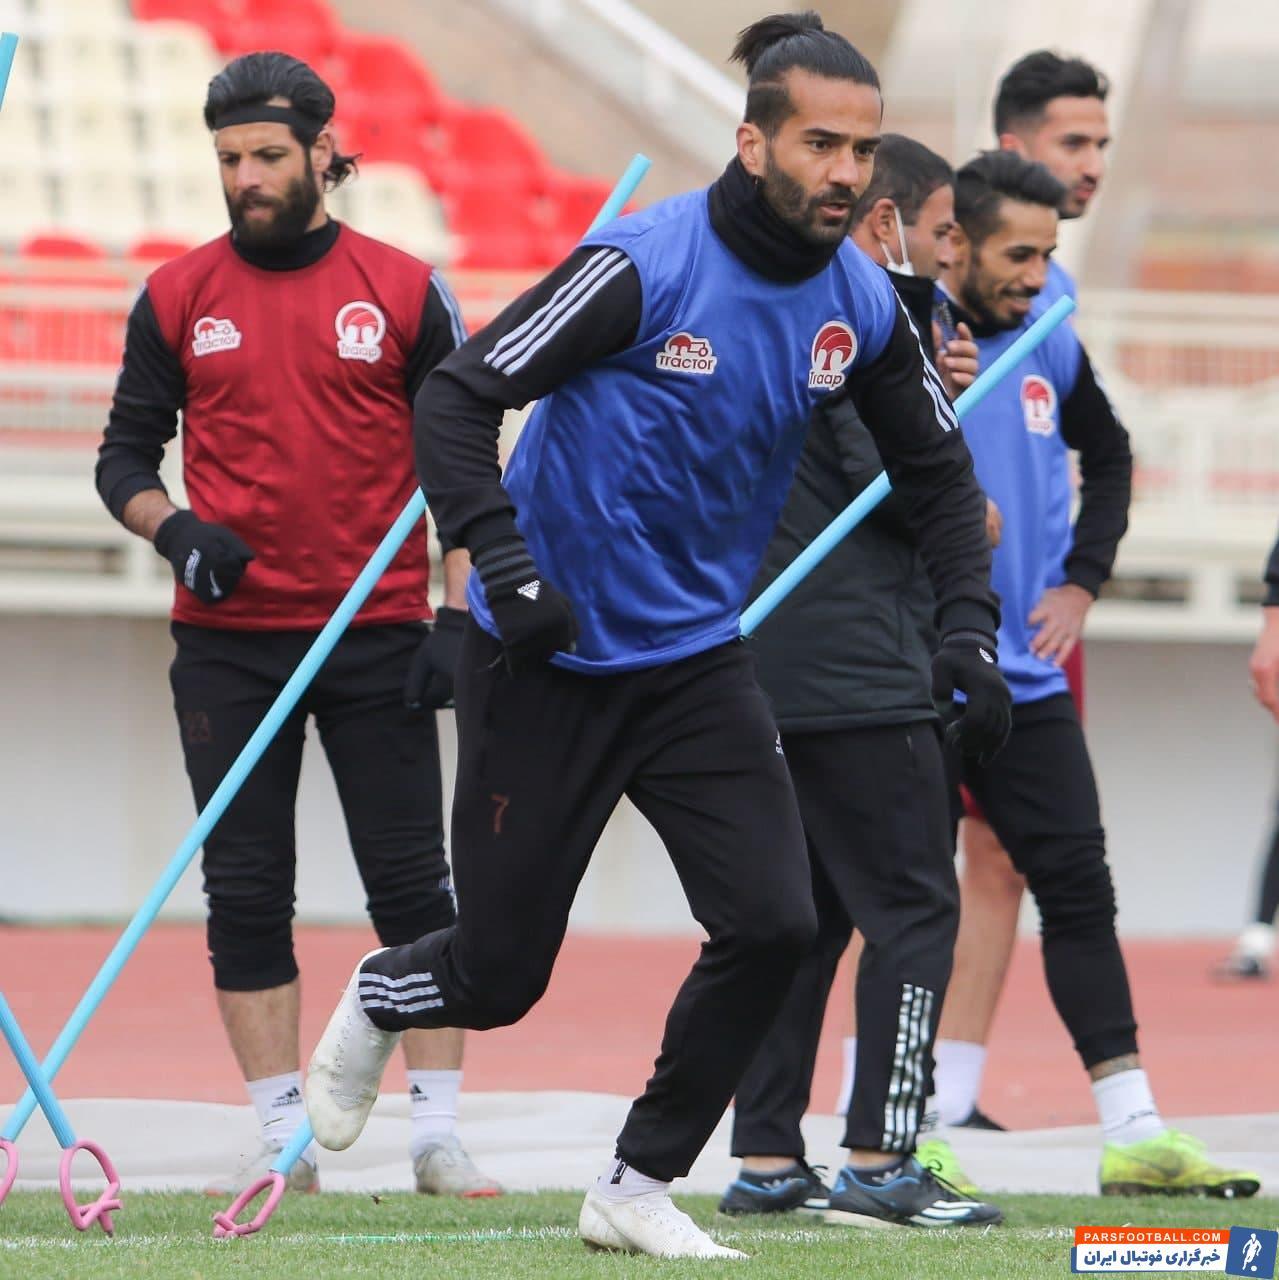 رسول خطیبی ، سرمربی تیم تراکتور امیدواری ویژه ای به درخشش کاپیتان تیمش، مسعود شجاعی در ترکیب تیم محبوب شهر تبریز دارد .